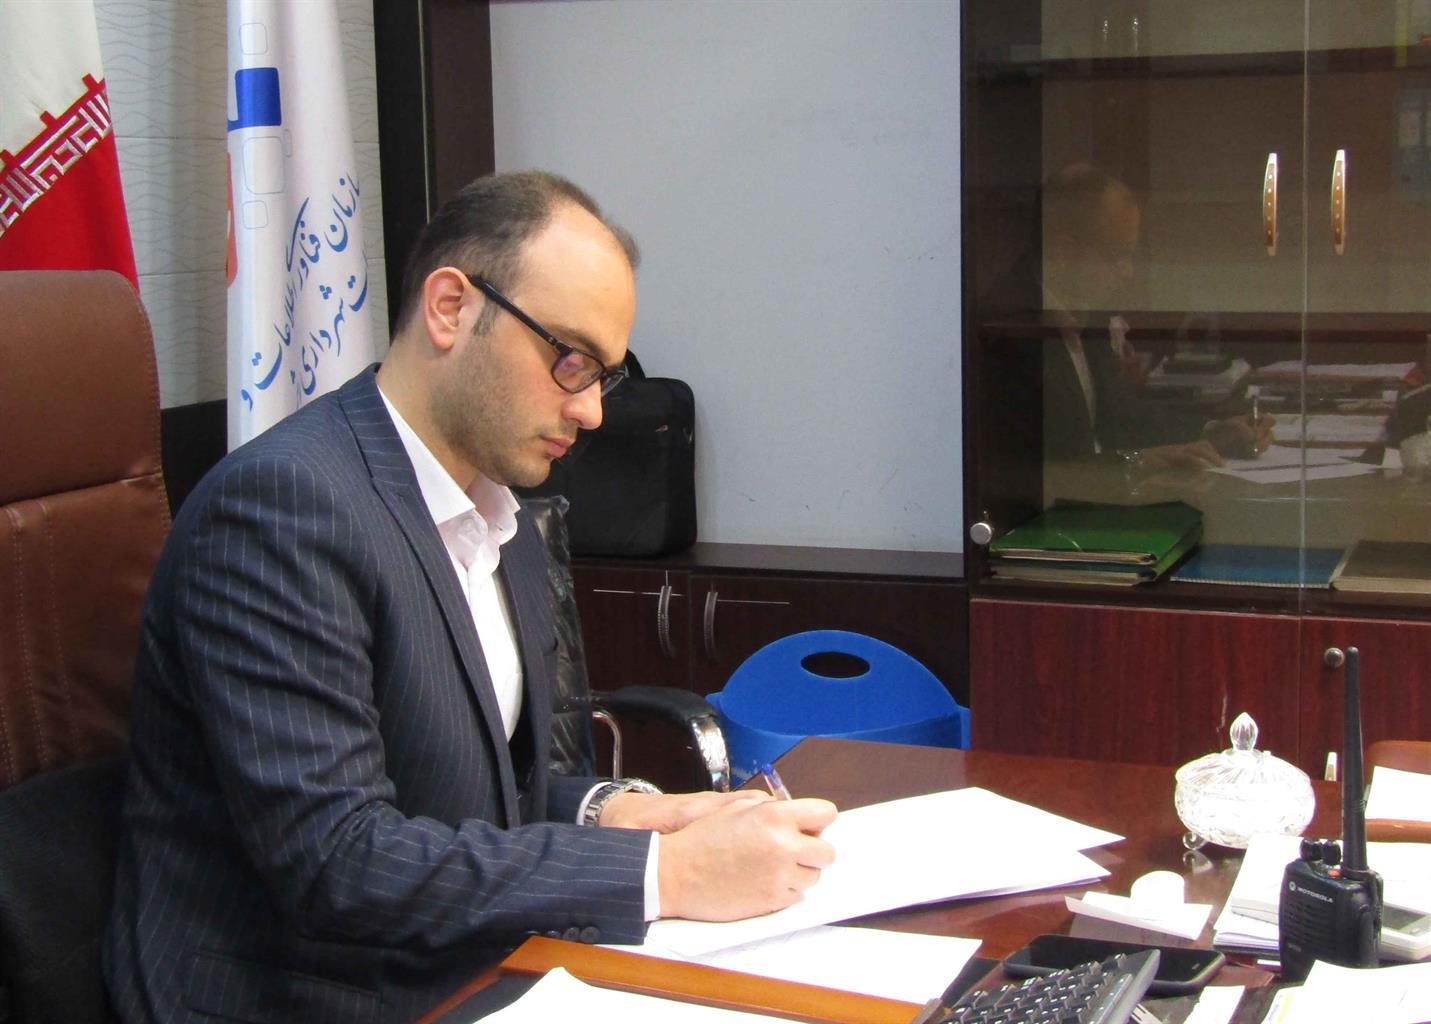 سامانه ی فیش حقوقی الکترونیک کارکنان شهرداری رشت توسط سازمان فناوری اطلاعات و ارتباطات شهرداری راه اندازی شد